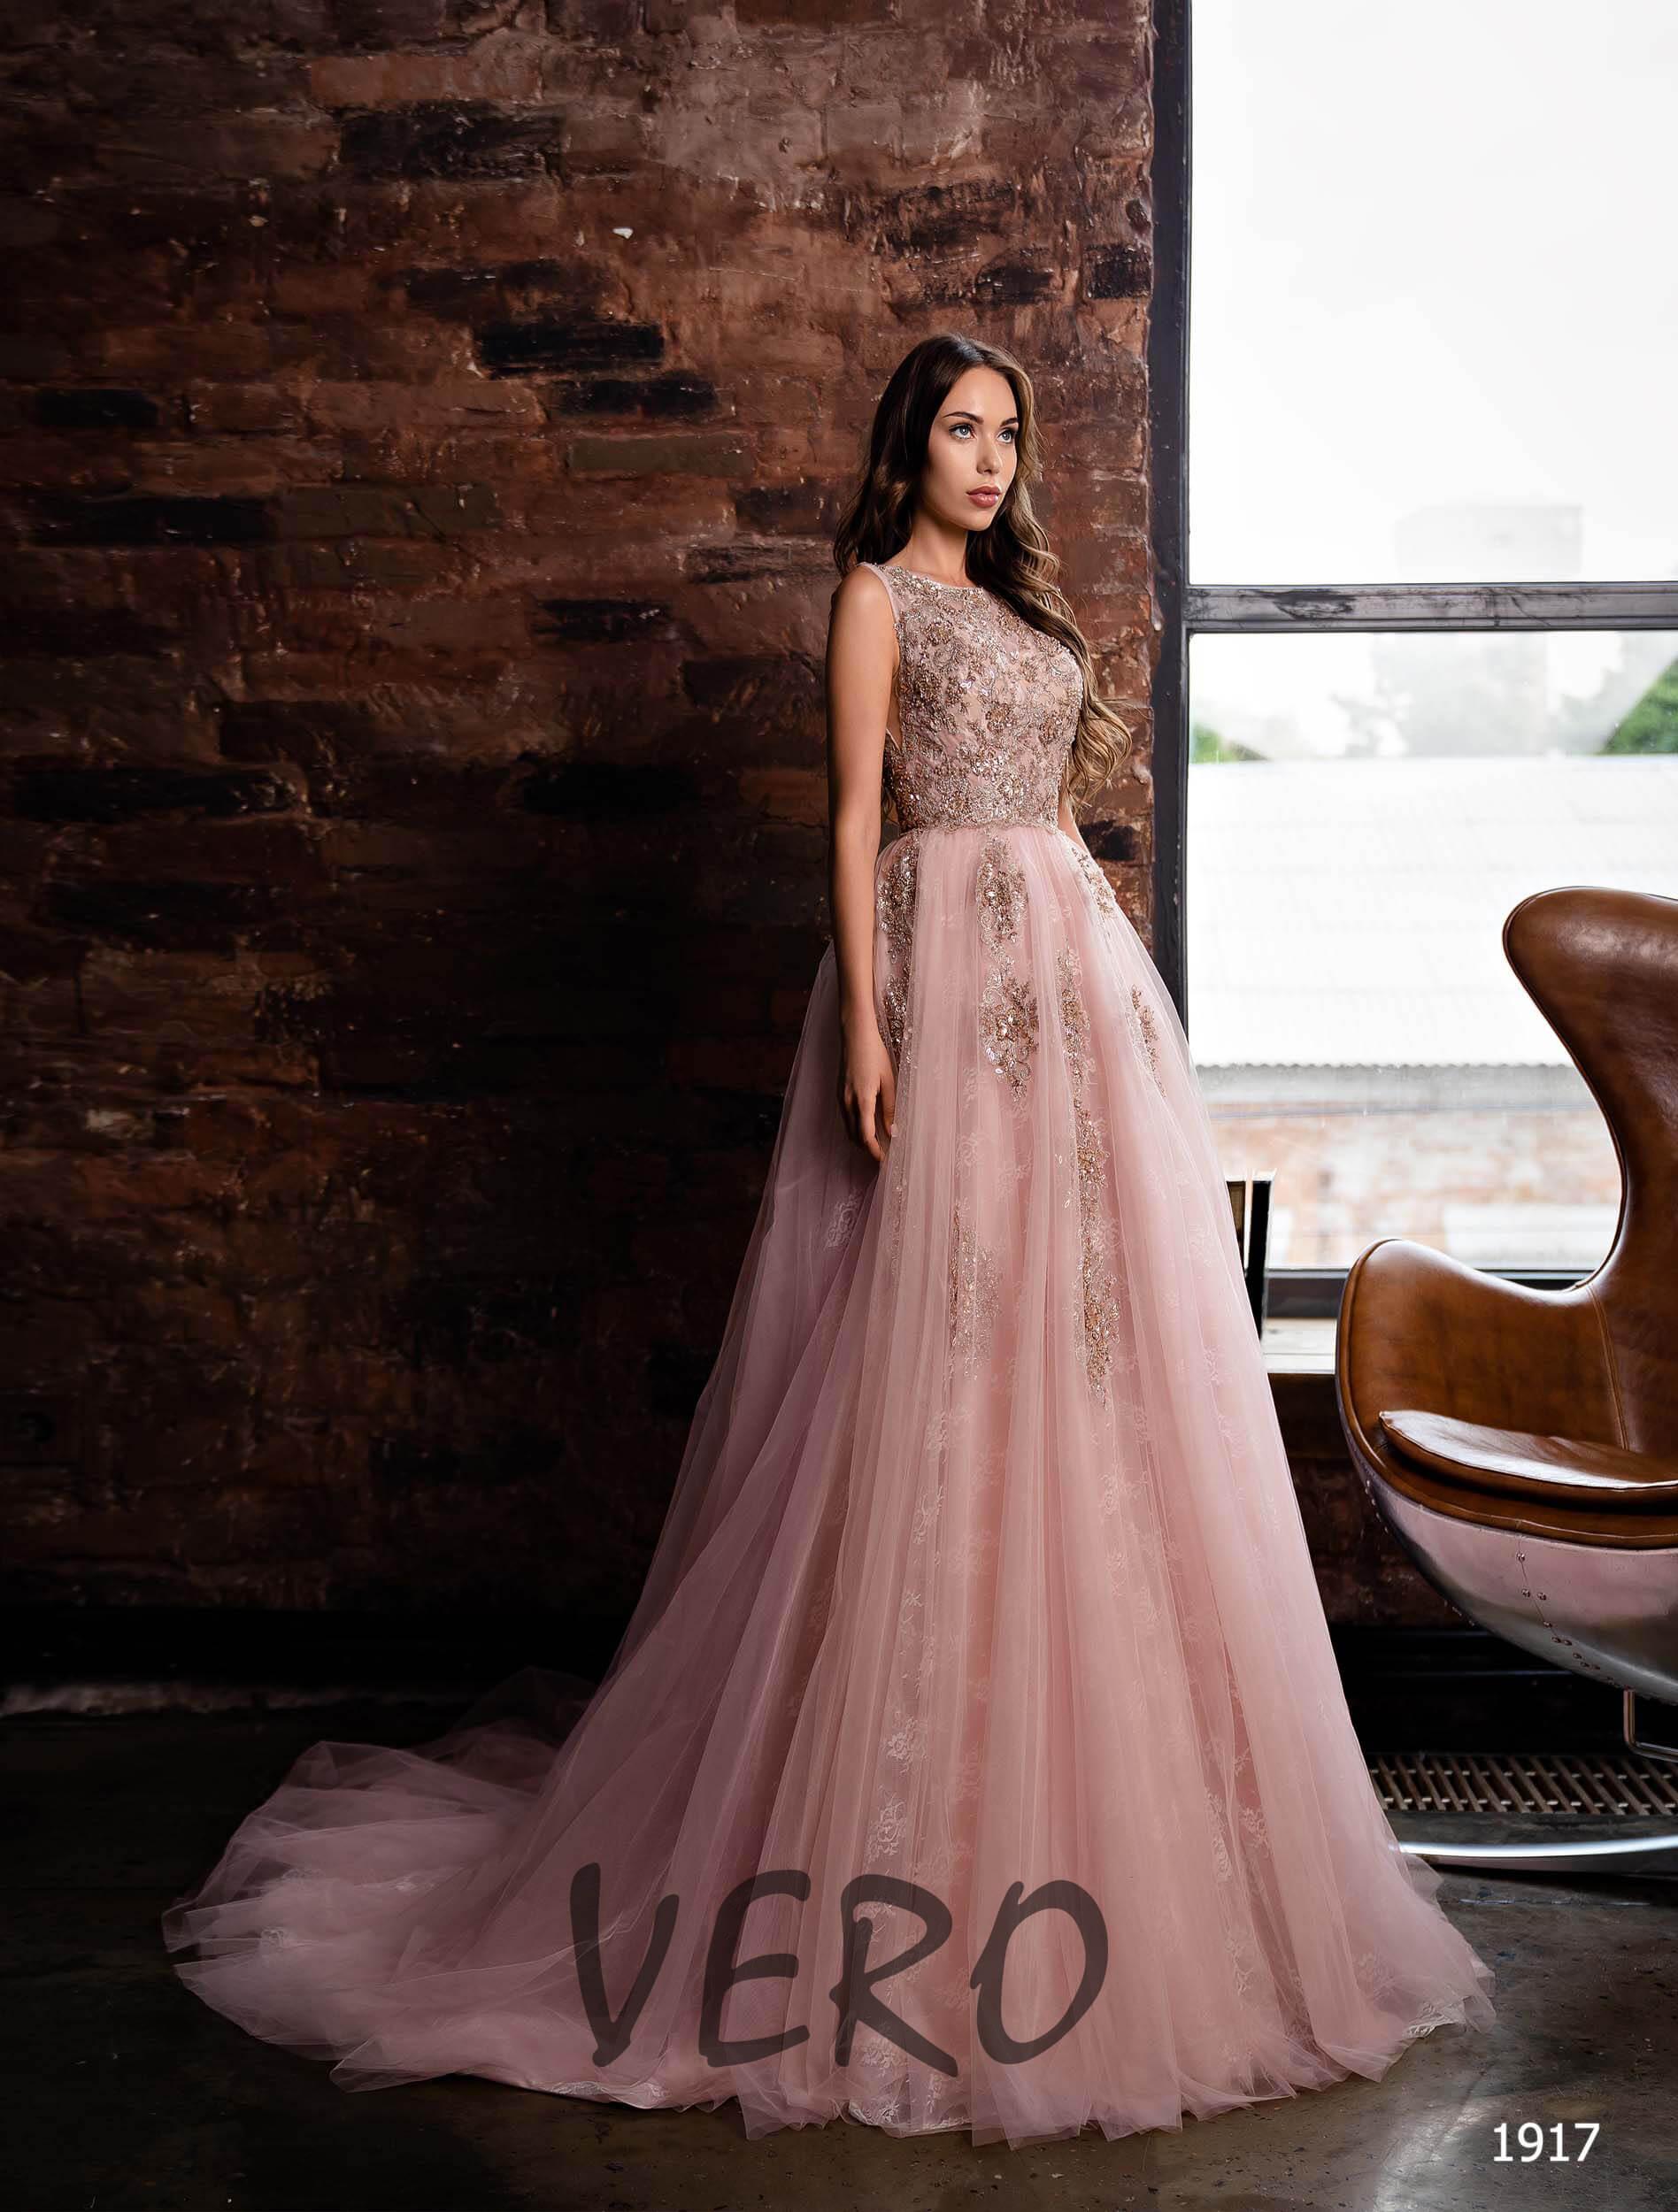 красивые платья выпускной вечер(1) | Vero